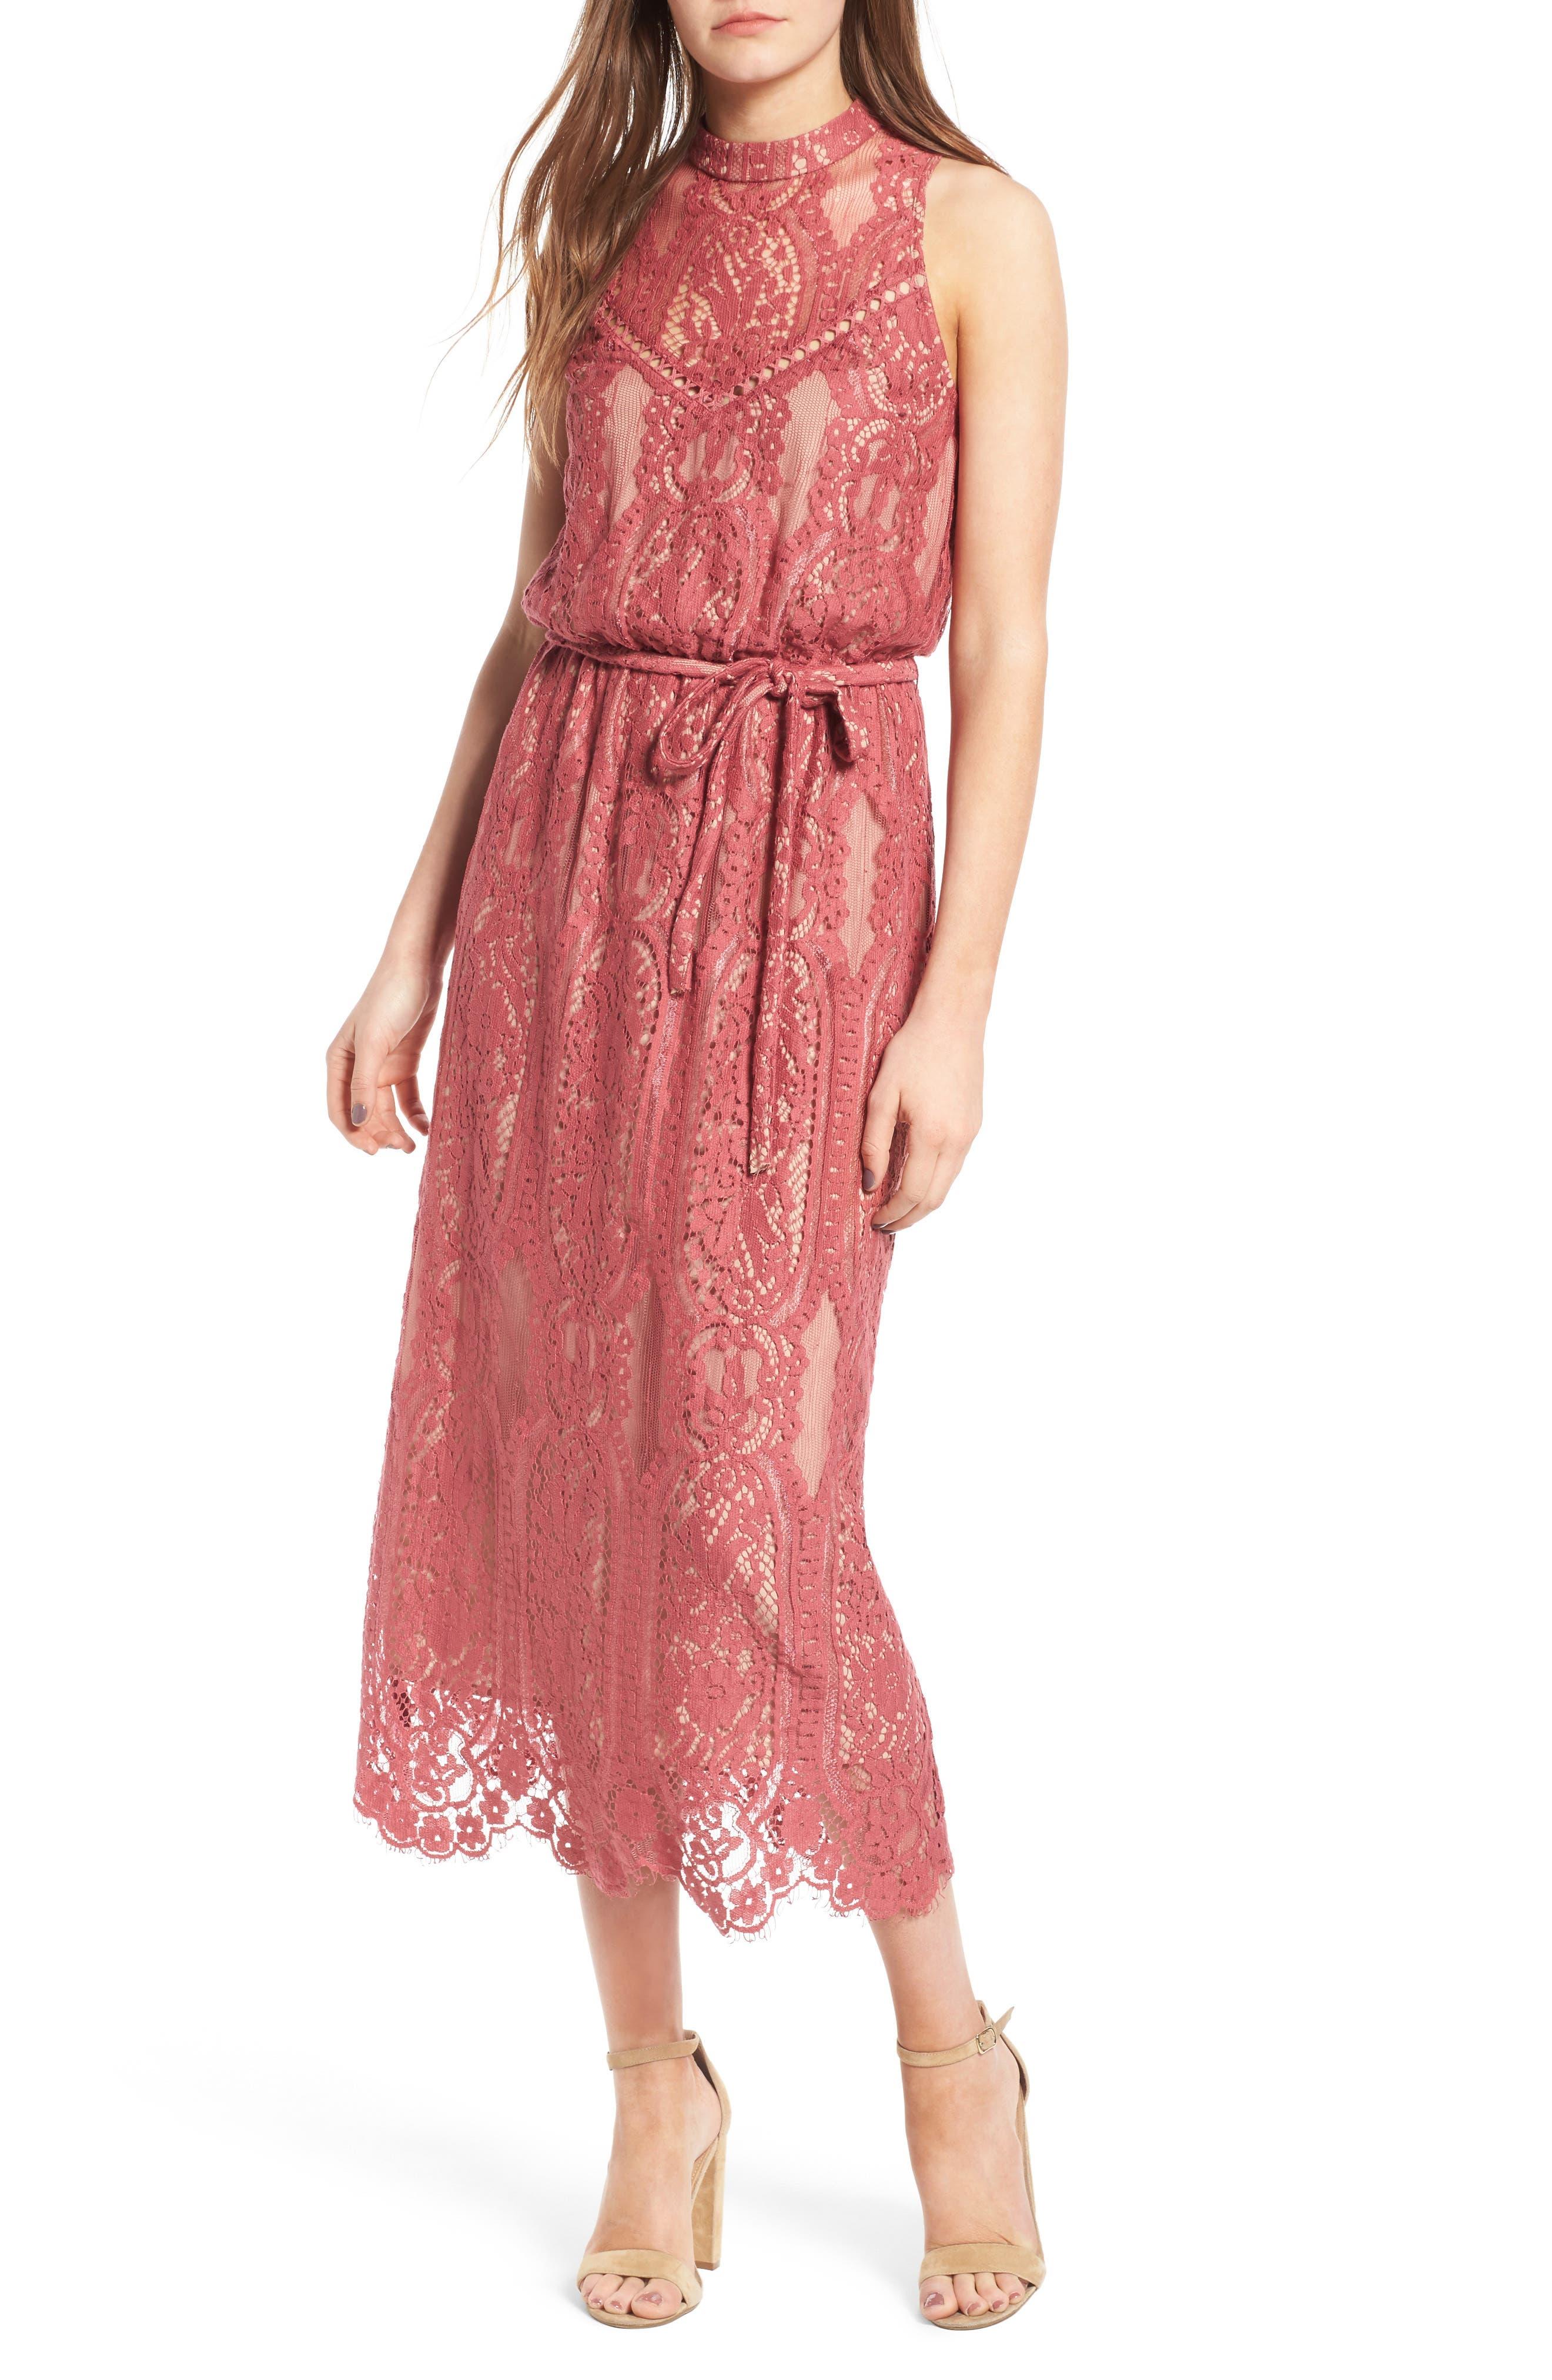 WAYF 'Portrait' Lace Midi Dress, Main, color, 650